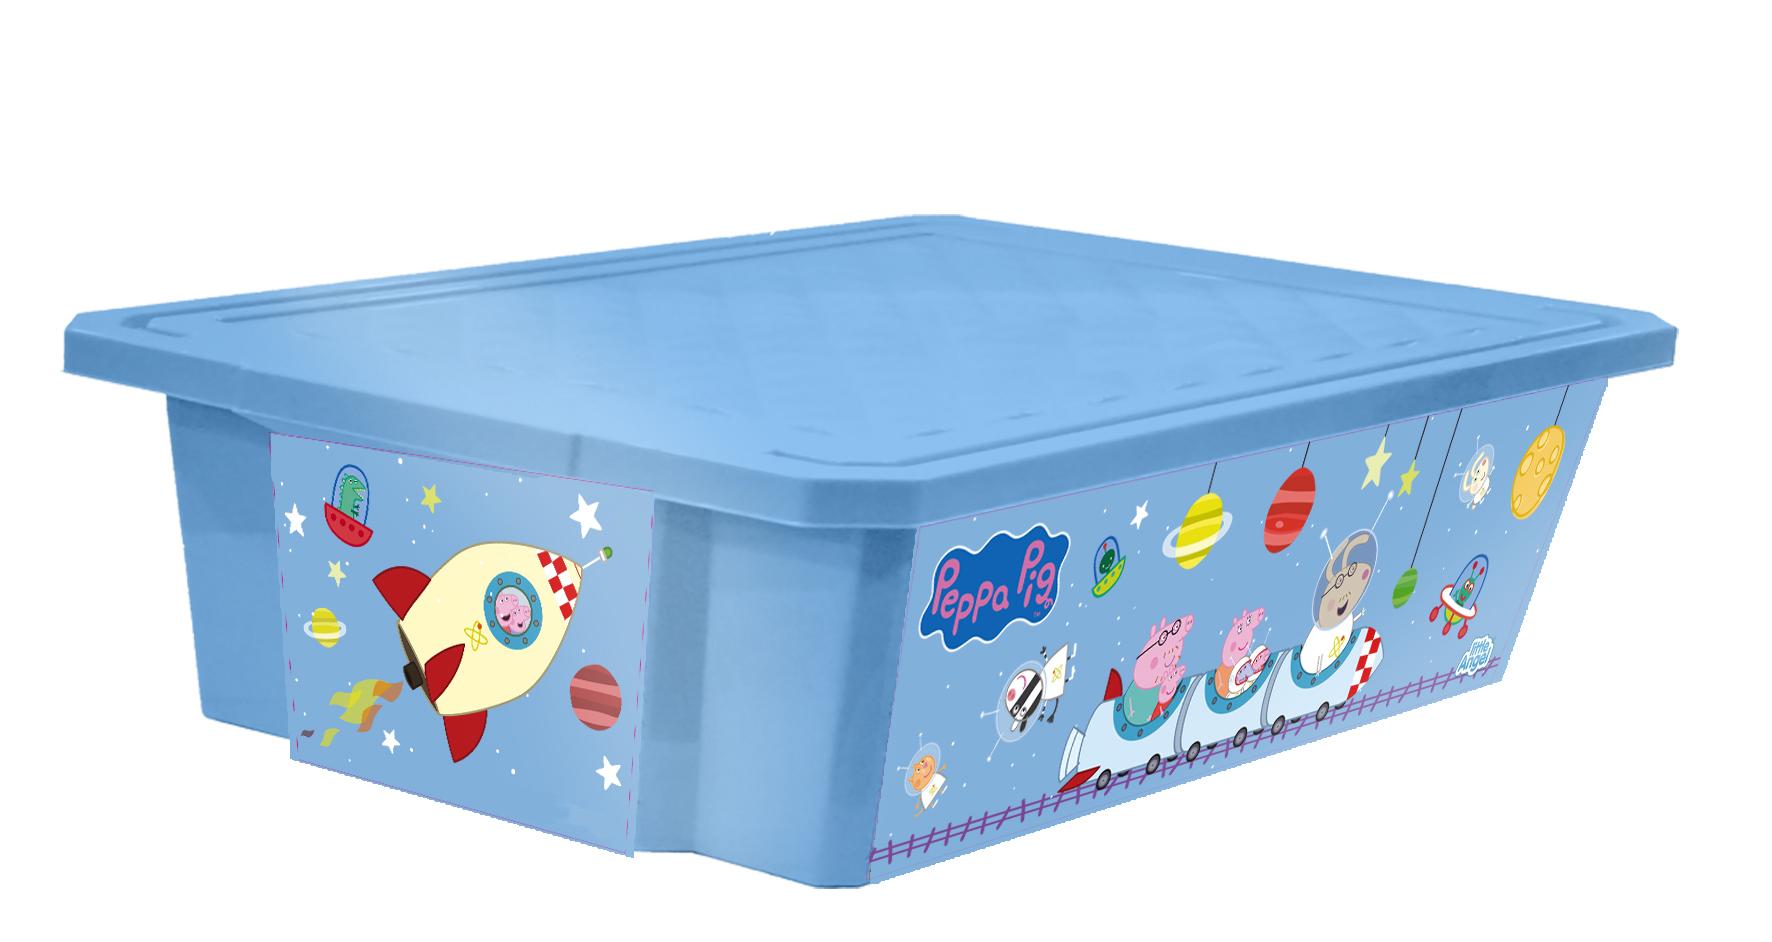 Ящик для хранения игрушек Little Angel Свинка Пеппа. X-BOX, цвет: голубой, 30 лS03301004Лучшее решение для поддержания порядка в детской – это большой ящик на колесах. Все игрушки собраны в одном месте, ящик плотно закрывается крышкой, его всегда можно с легкостью переместить. Яркие декоры с любимыми героями наполнят детскую радостью и помогут приучить малыша к порядку. Преимущества: эксклюзивные декоры с любимыми героями; эффективные колеса-роллеры на дне; надежная крышка с привлекательной текстурой; возможность штабелирования ящиков друг на друга; декор размещен на всех сторонах ящика.